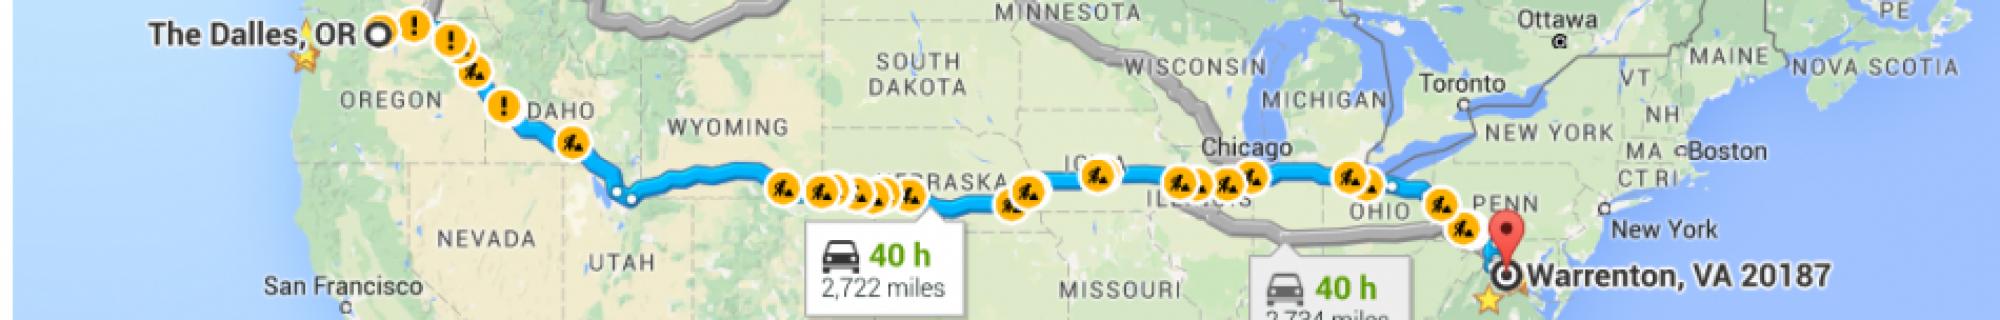 Road Trip Whee!